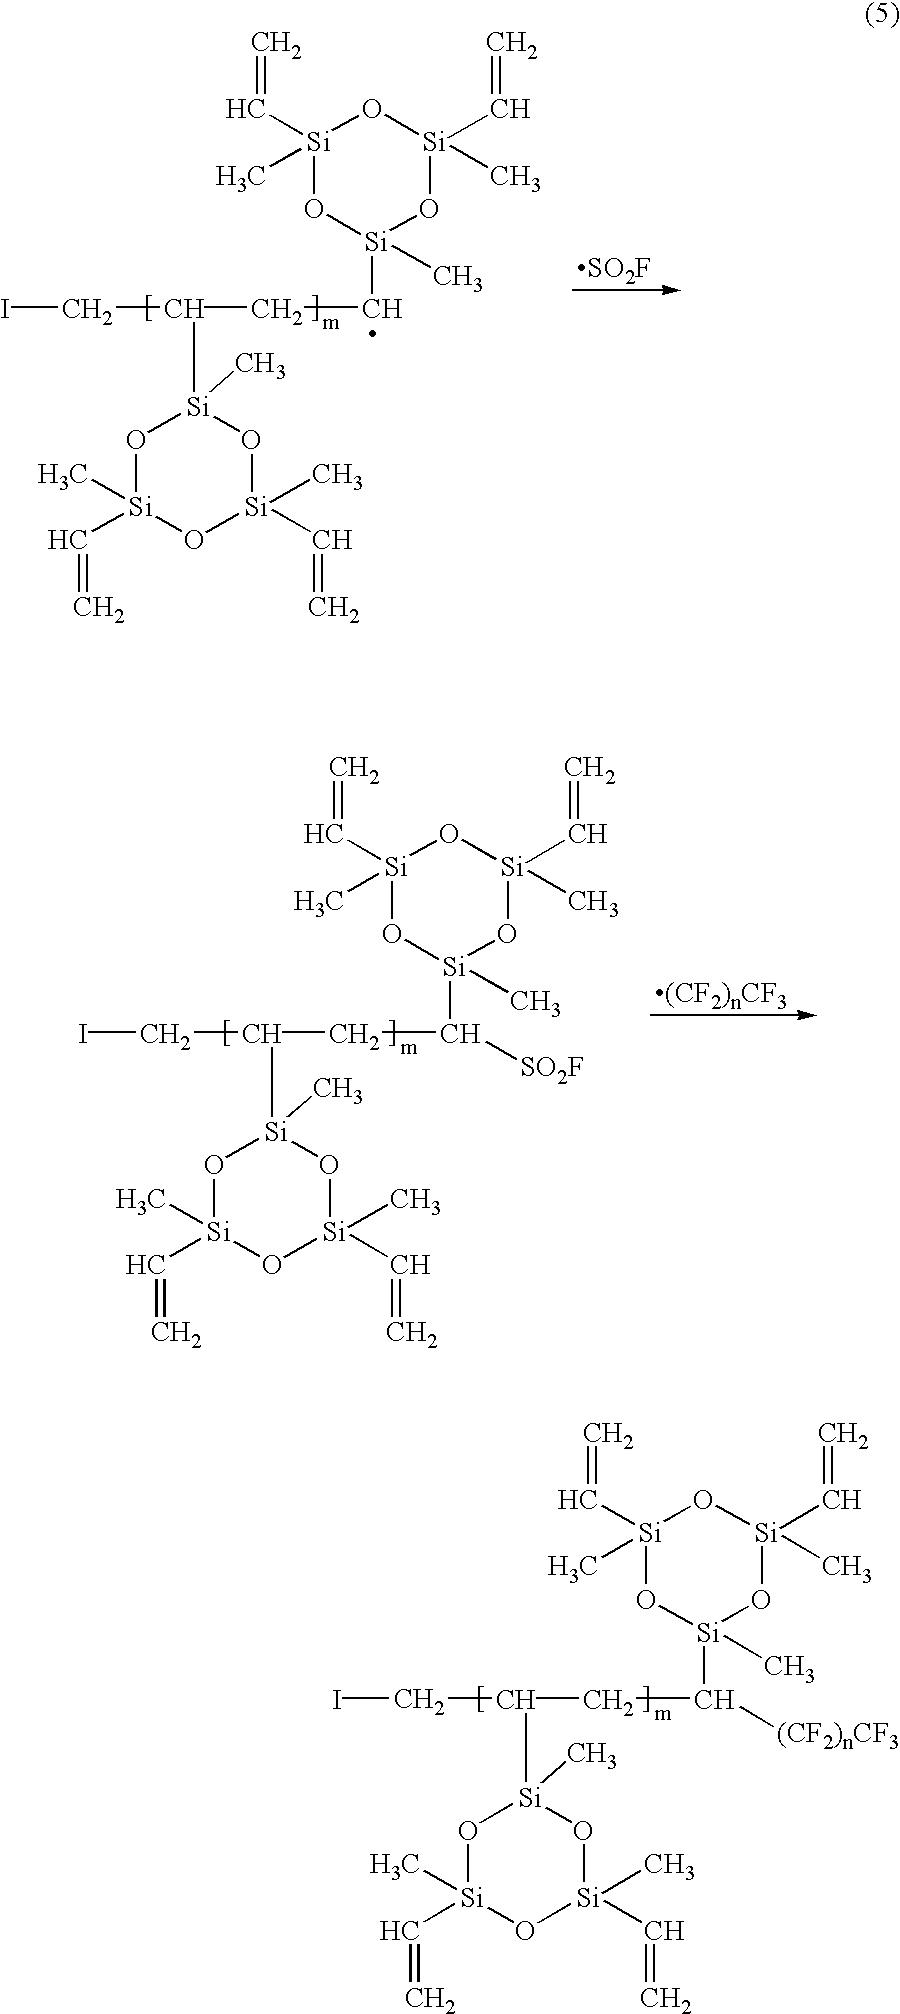 Figure US20030138645A1-20030724-C00007